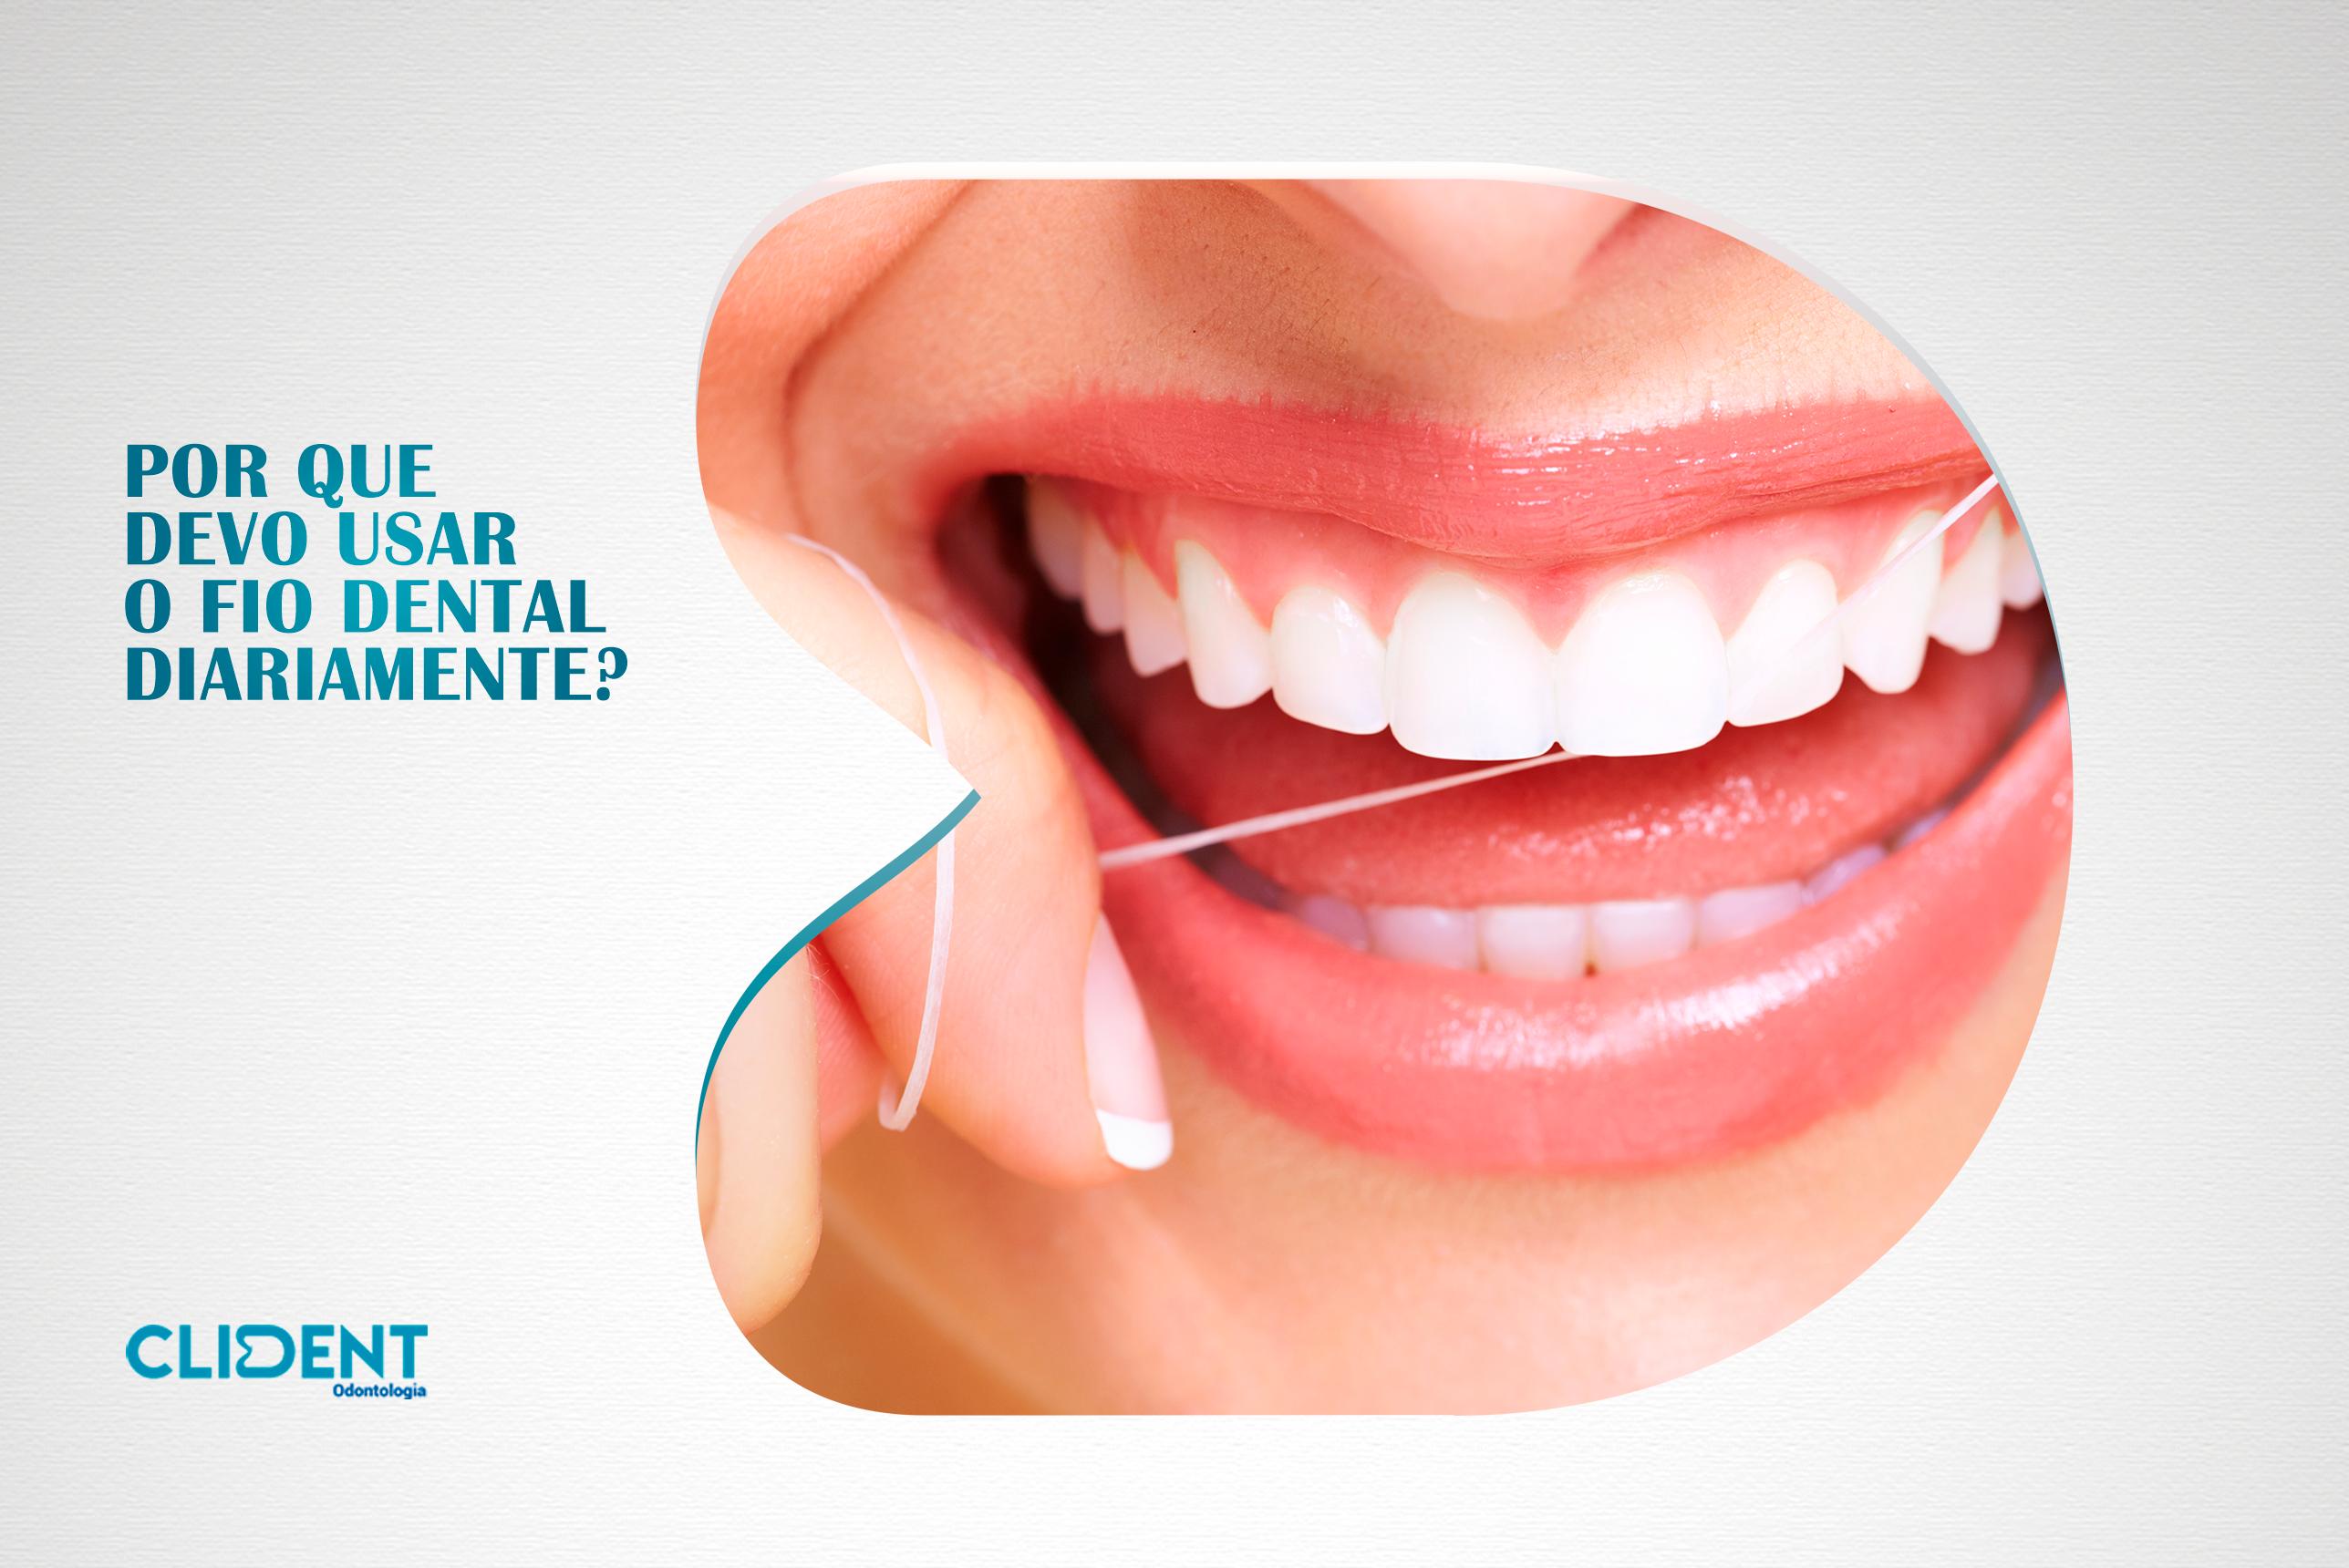 Por que devo usar o fio dental diariamente?